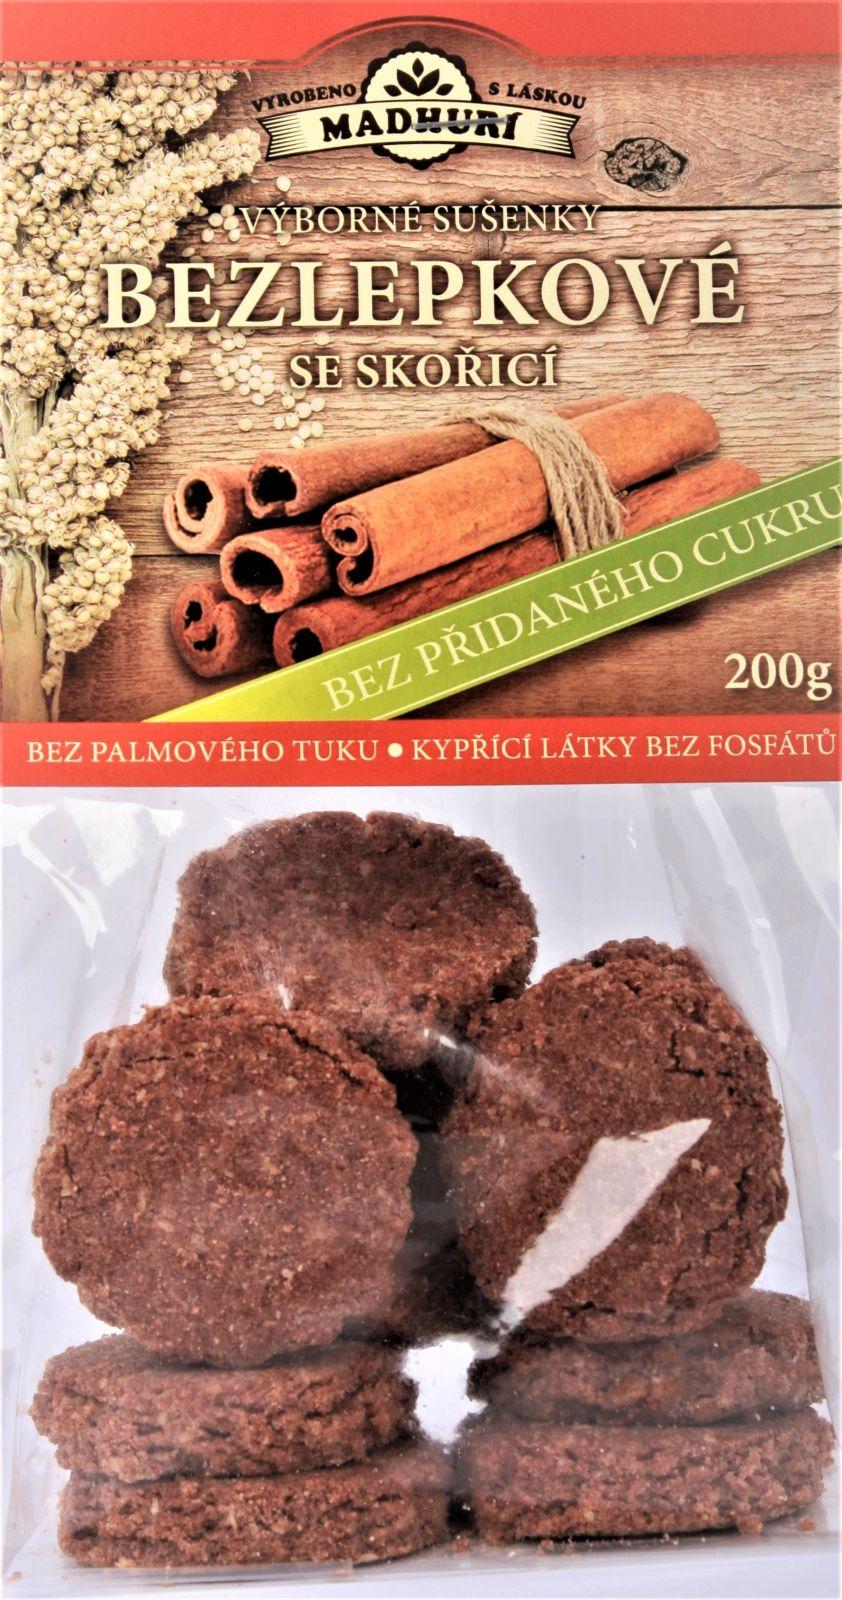 Bezlepkové sušenky se skořicí